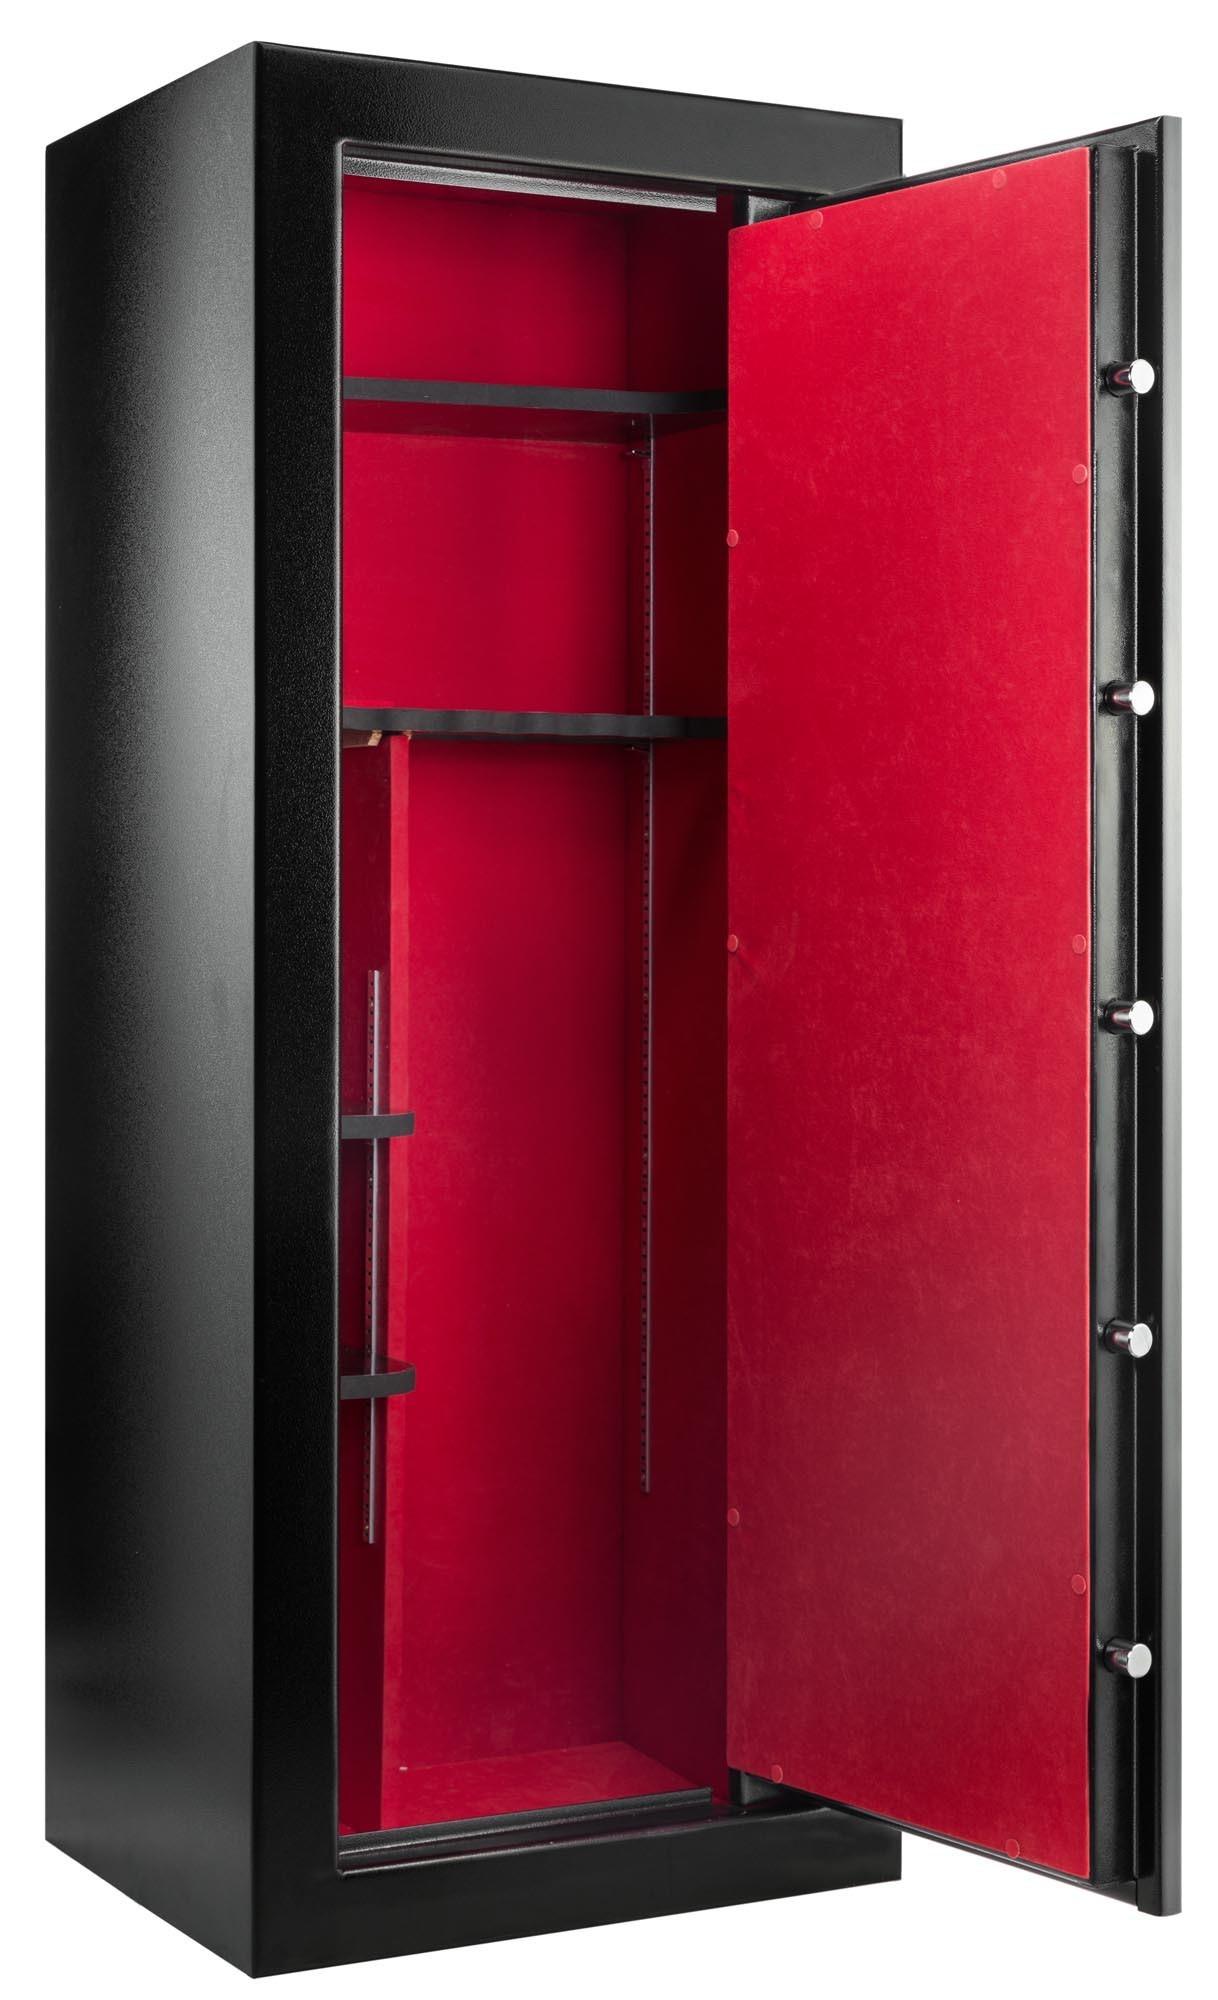 armoire forte rietti premium 18 armes avec rangements armoires fortes pour armes longues. Black Bedroom Furniture Sets. Home Design Ideas